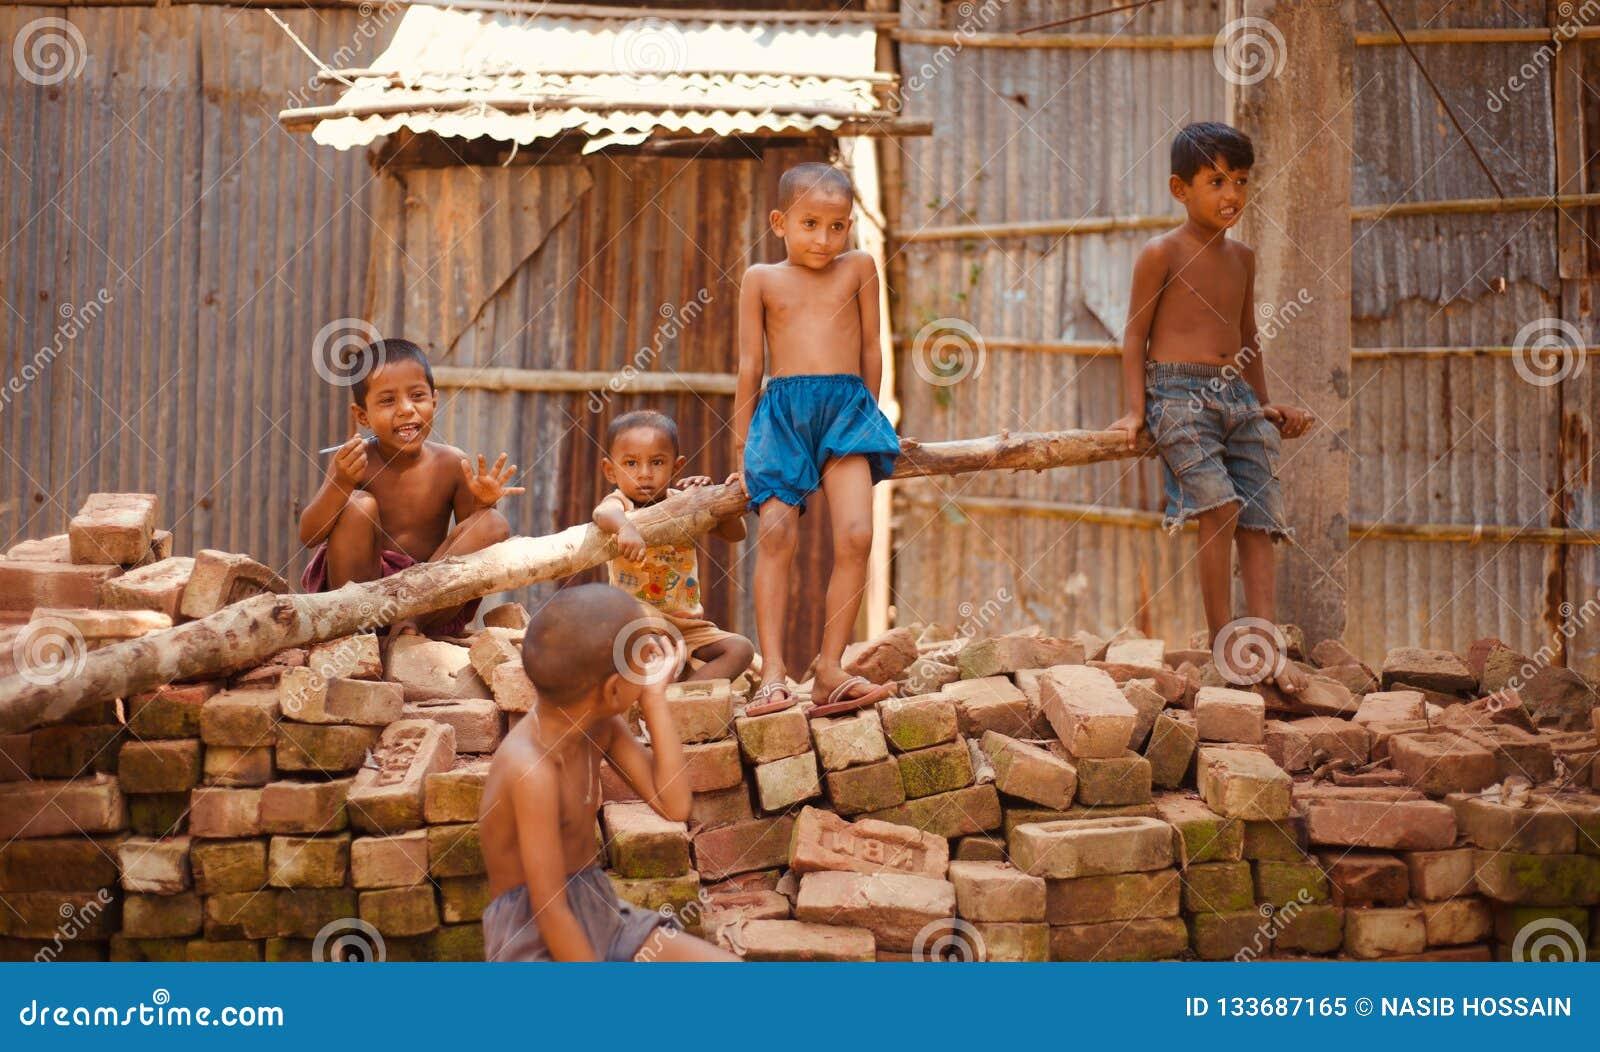 Village kids sitting around a place